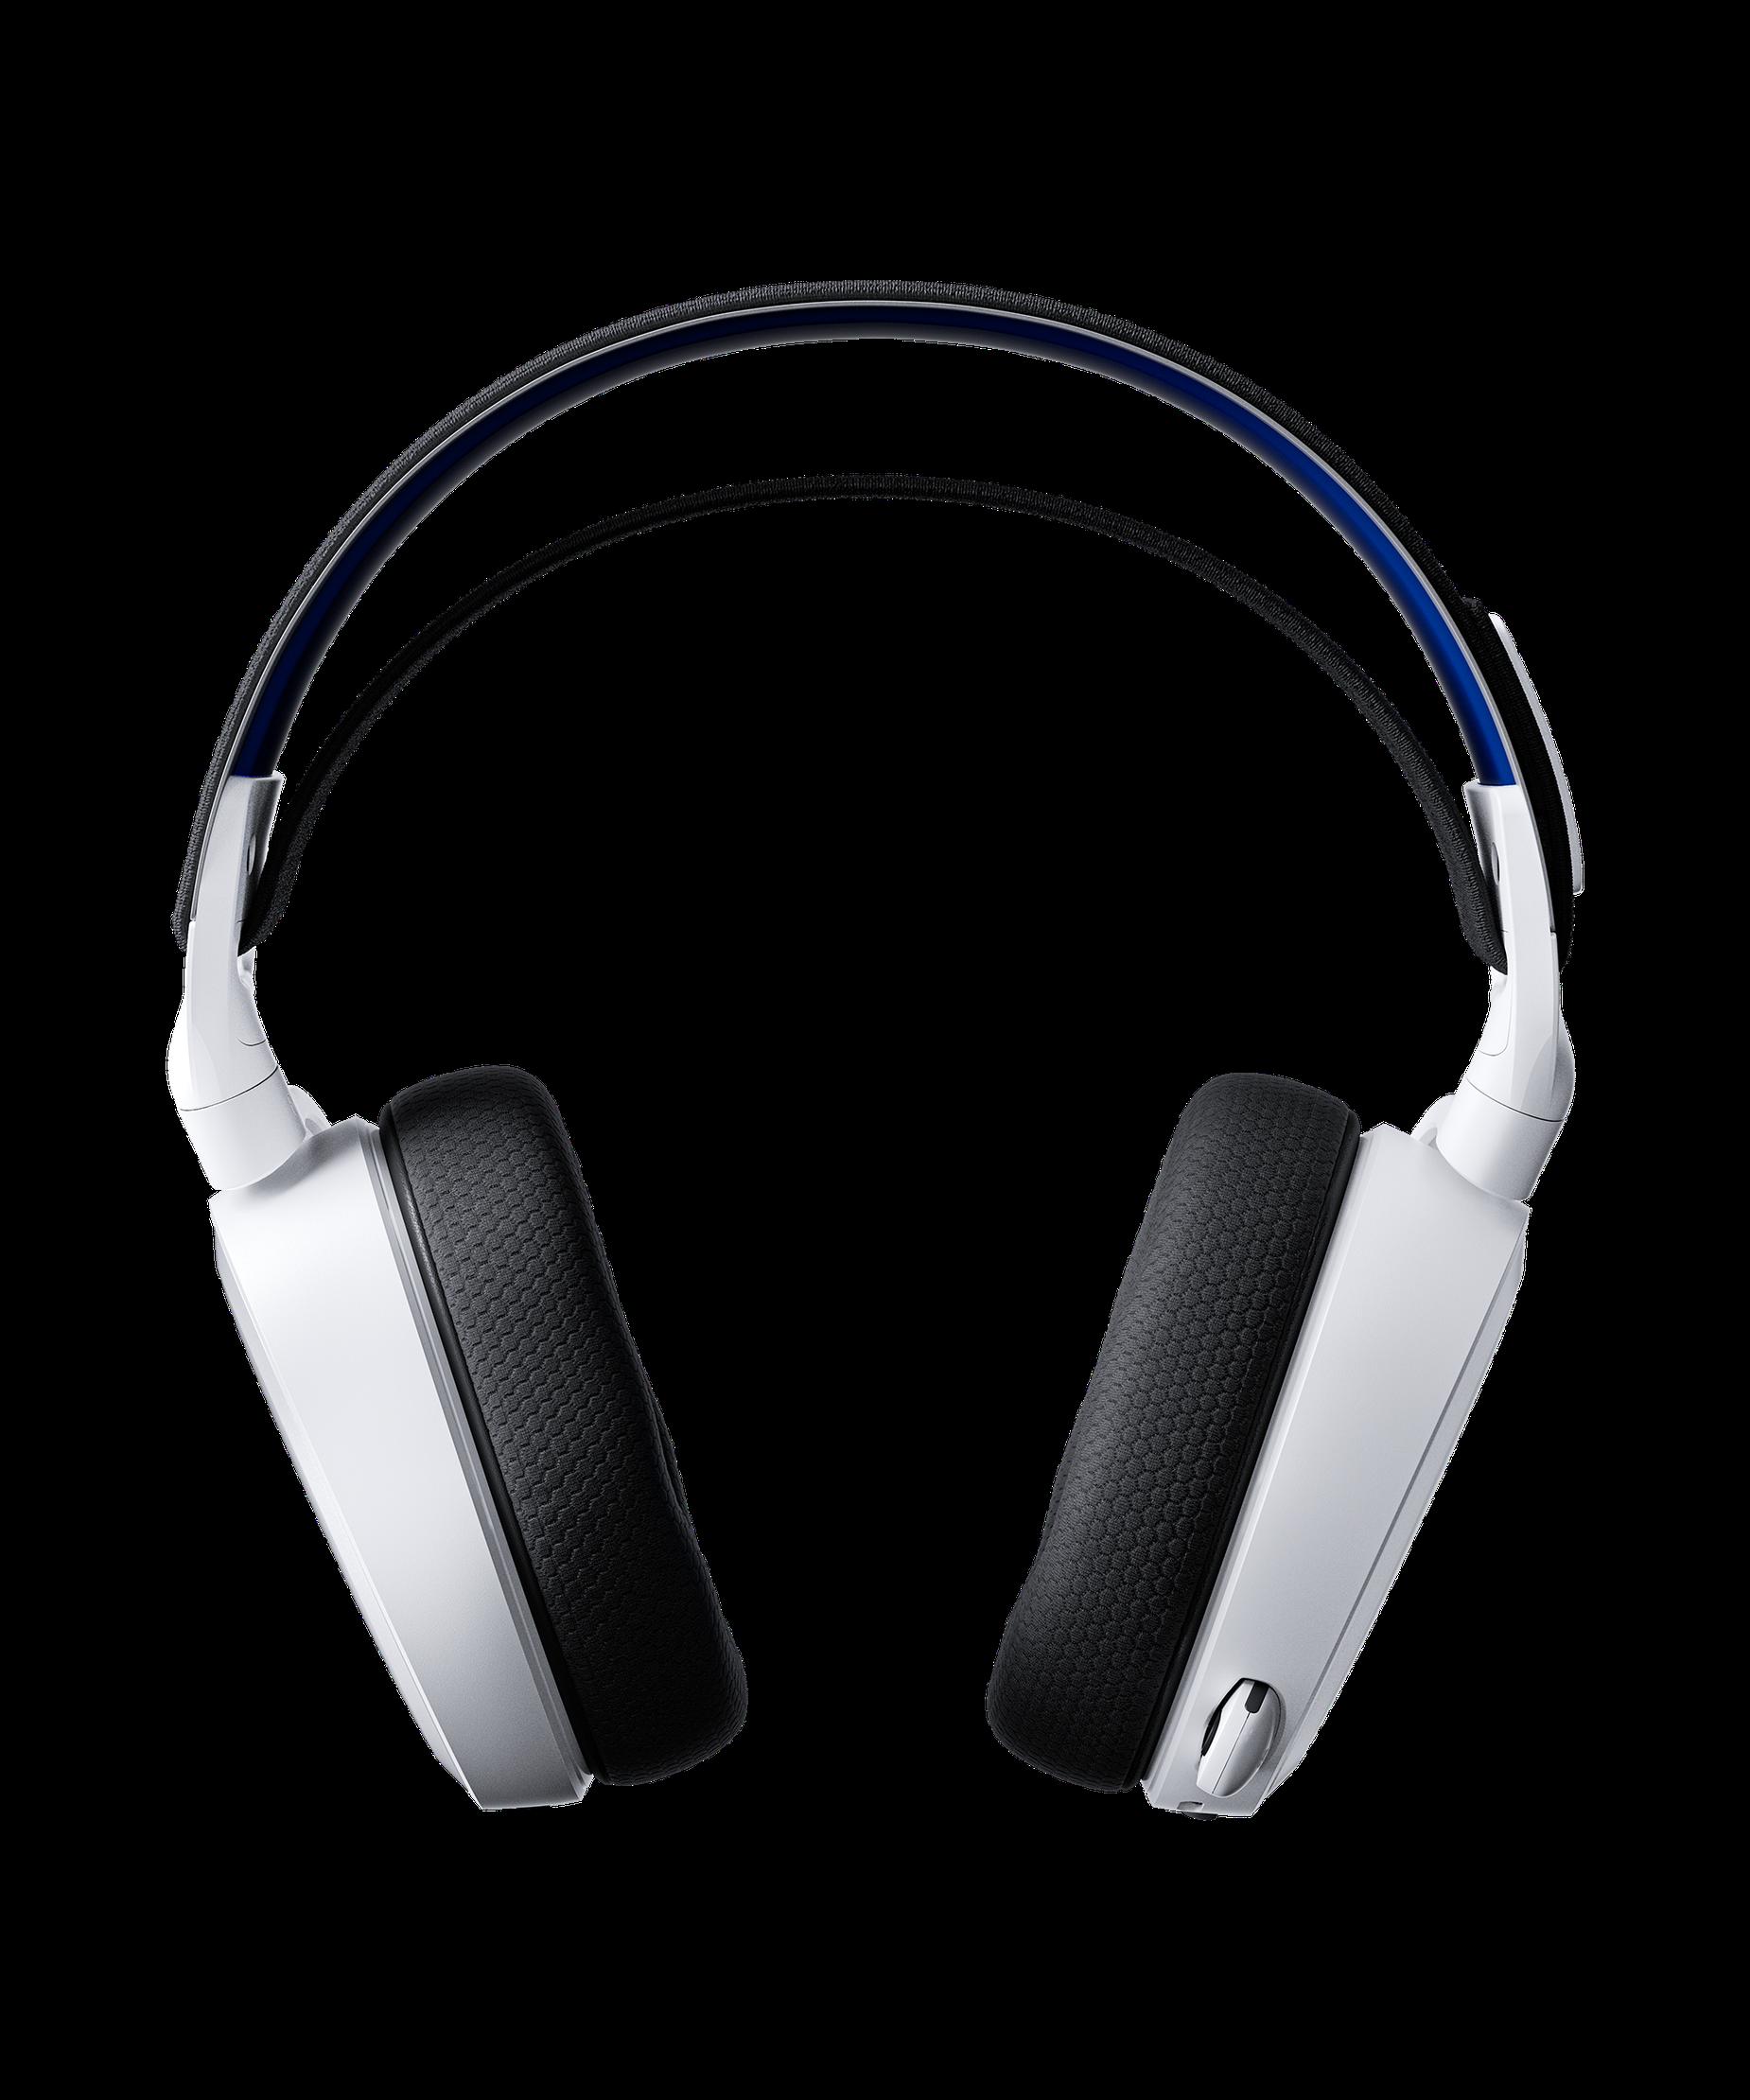 Arctis 7P耳機正面並呈現出交叉區域